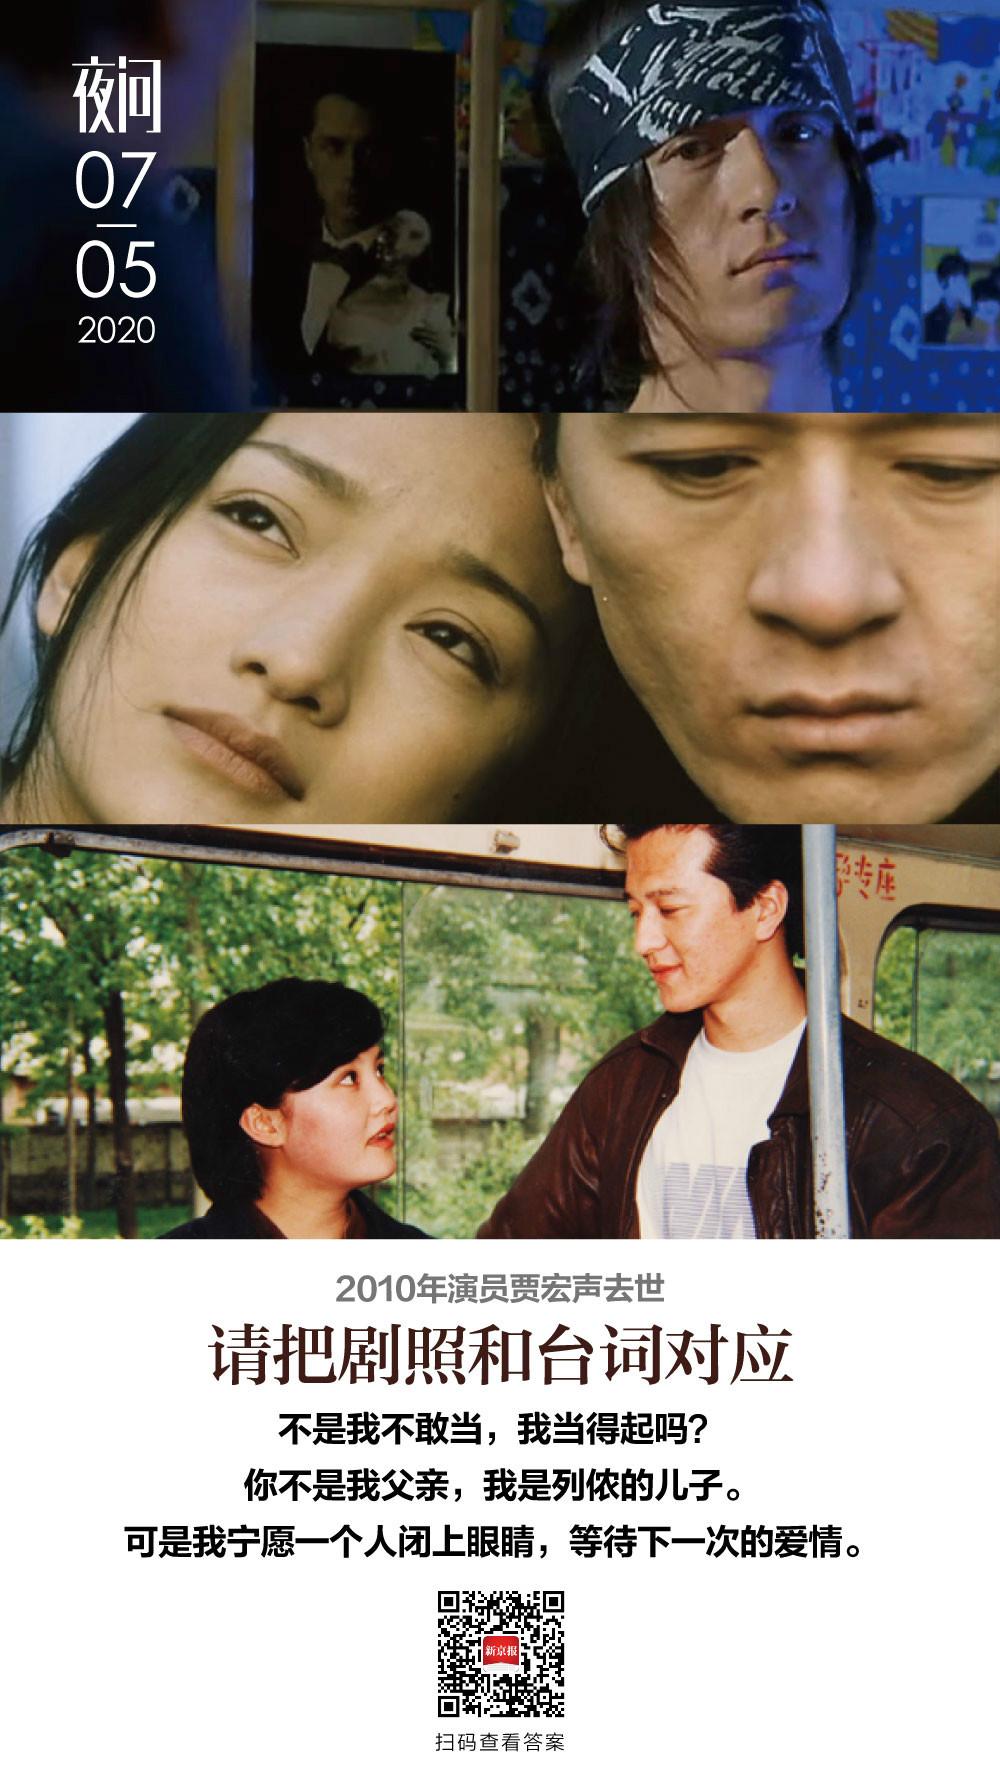 杏悦他是一个纯粹的演员也是一个杏悦理想主义者丨图片